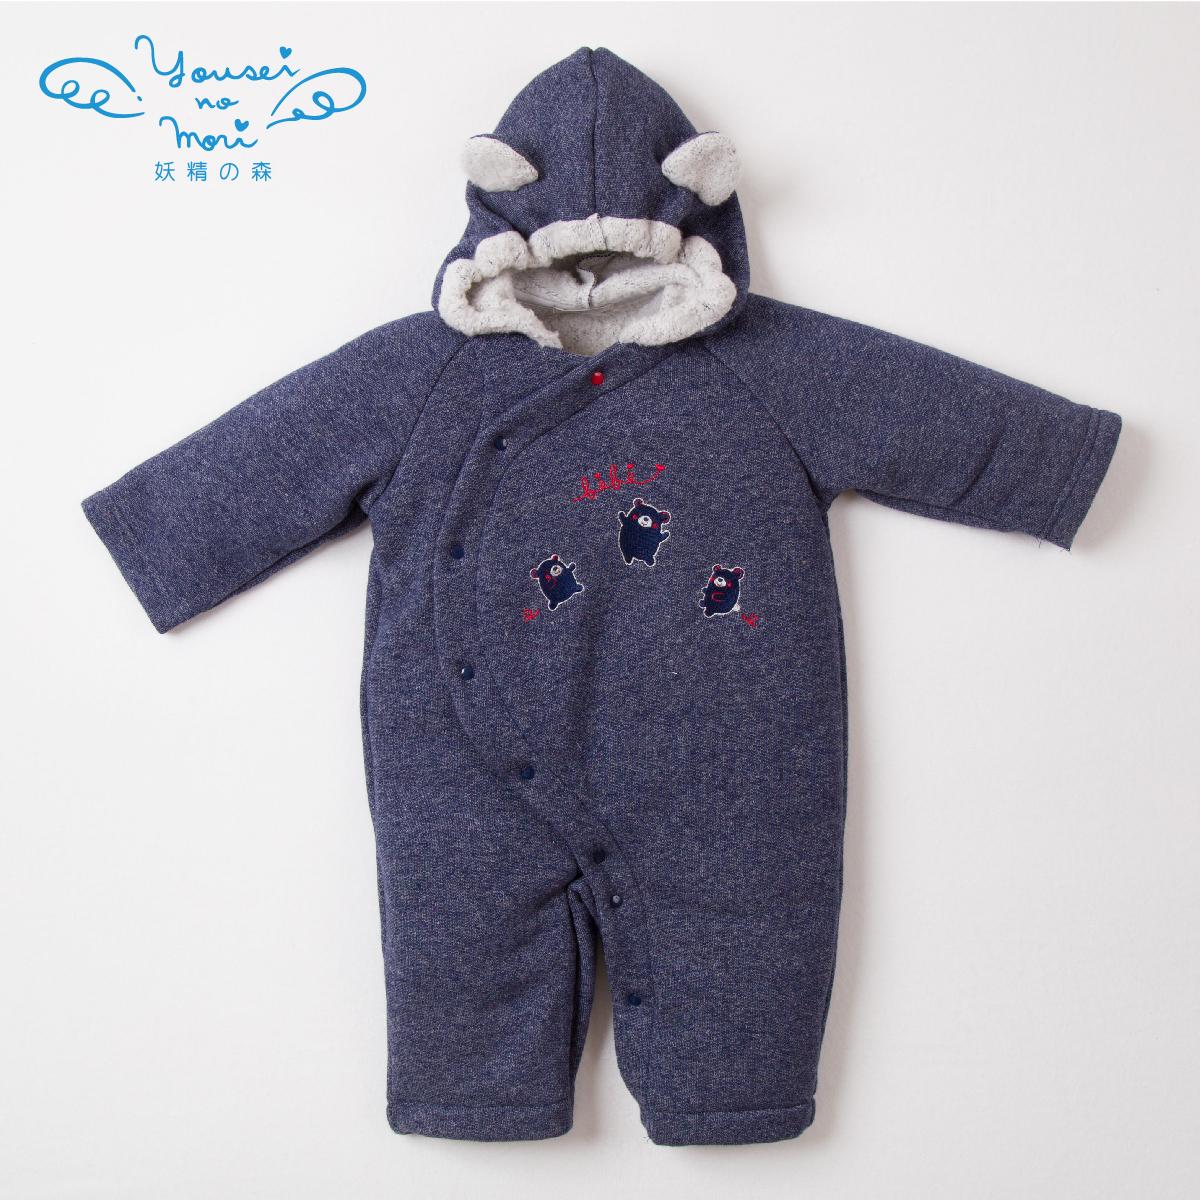 もこもこデニムクマちゃんジャンプスーツ YH209(ベビー服)